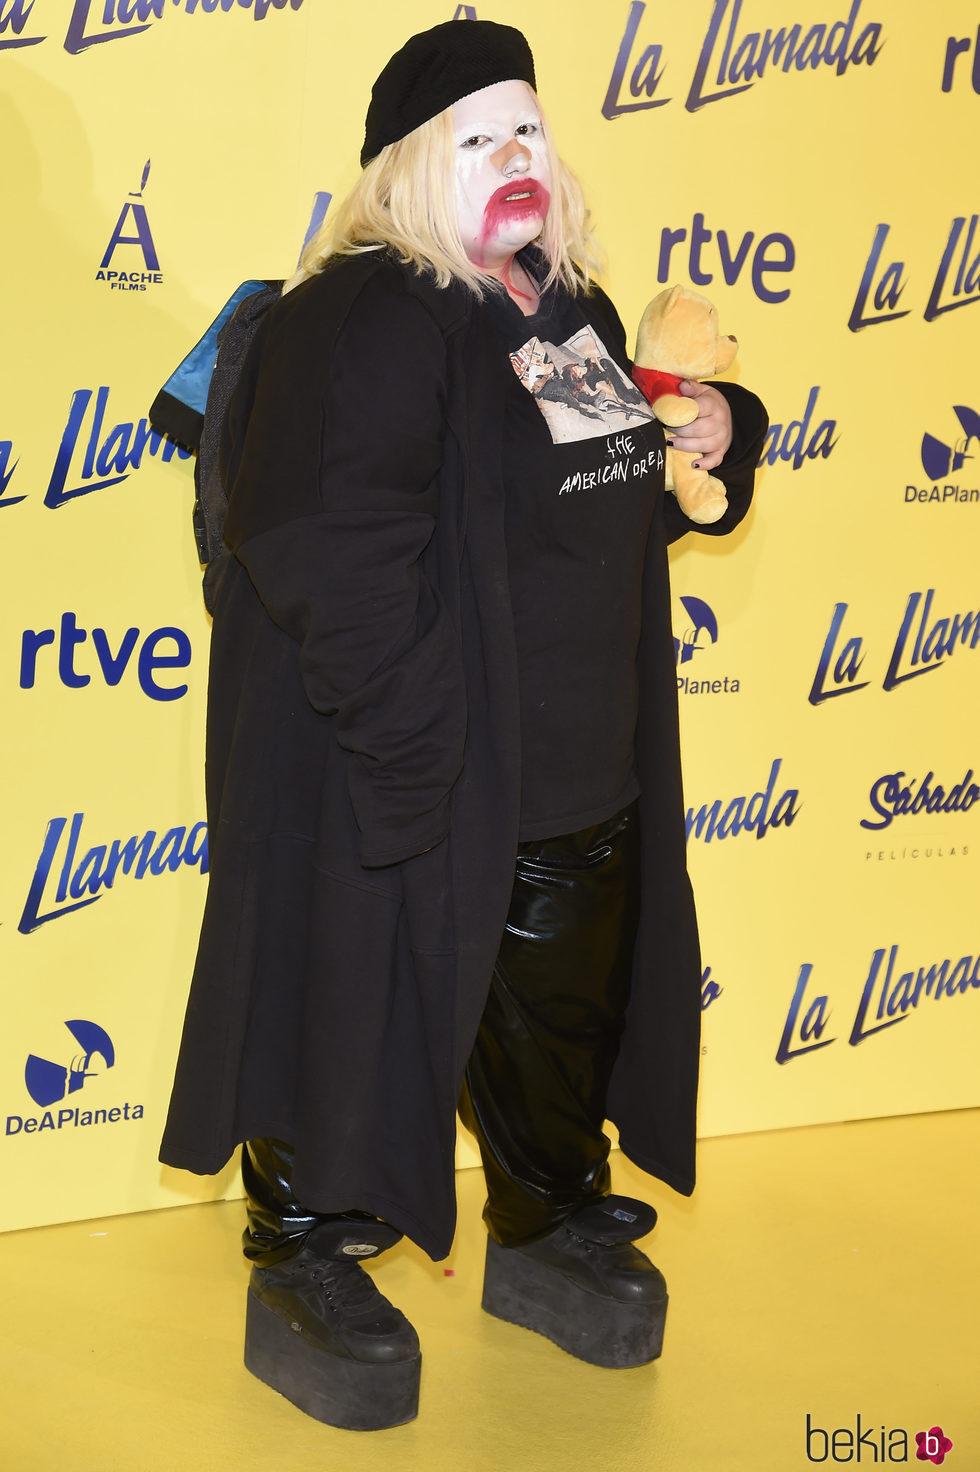 Soy una Pringada en el estreno de la película 'La Llamada'